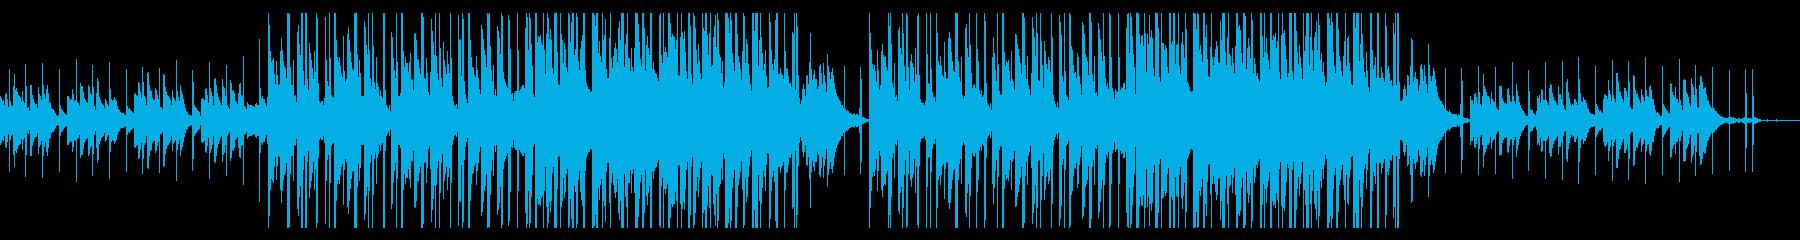 優しいピアノLOFI HIPHOP風の再生済みの波形